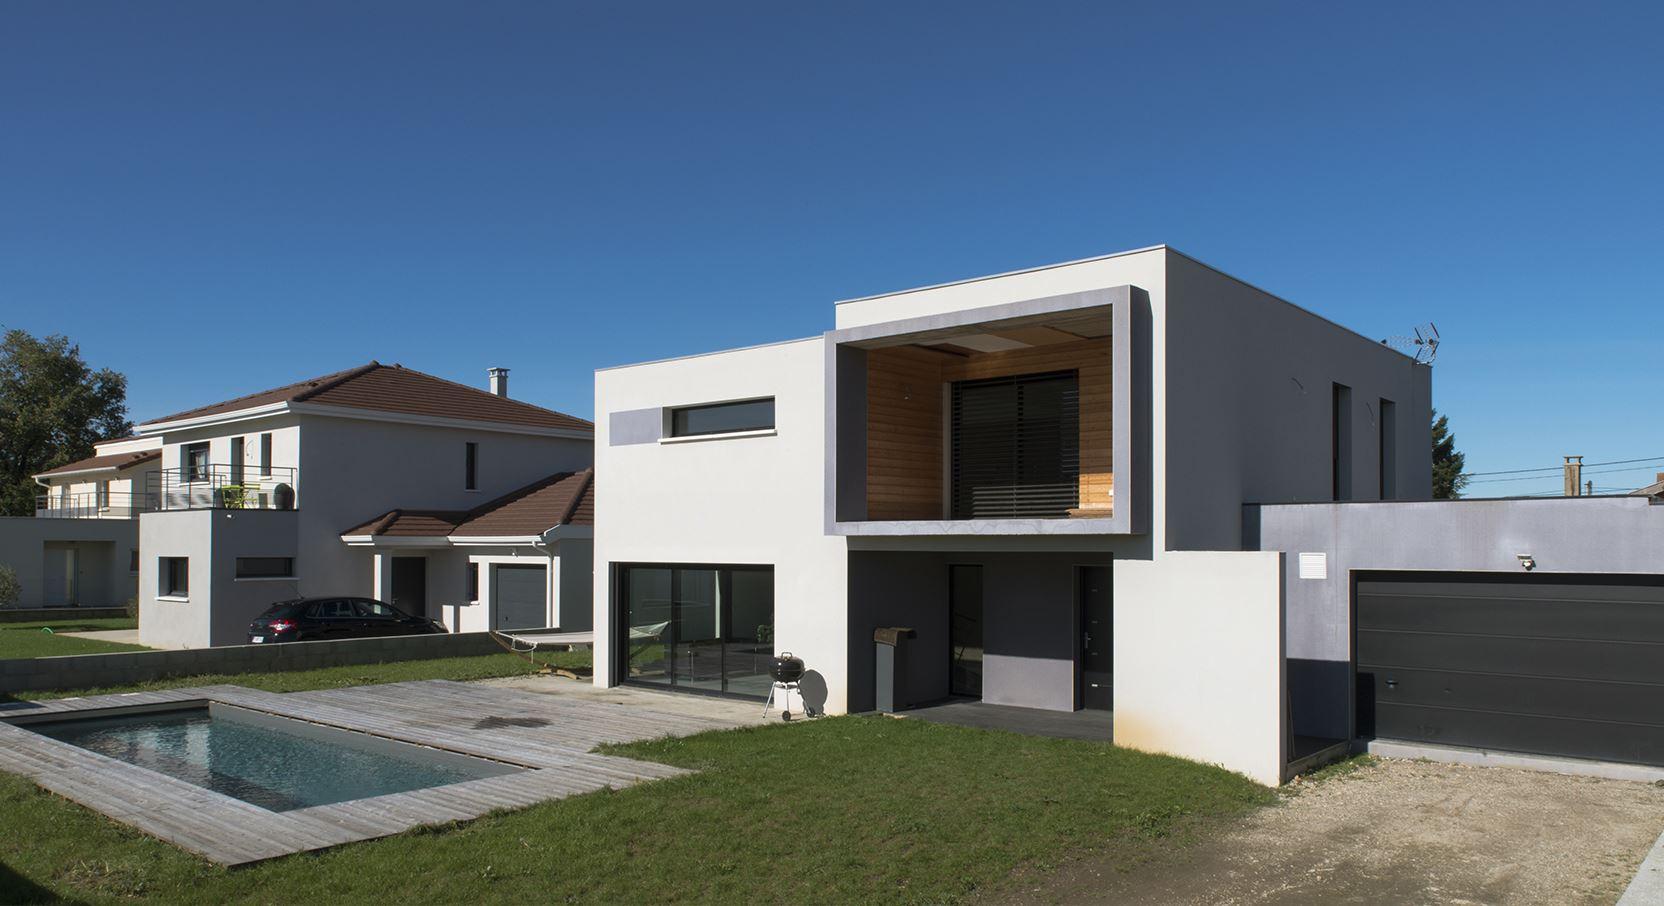 Maison contemporaine architecte maison fran ois fabie for Maisons et architectes